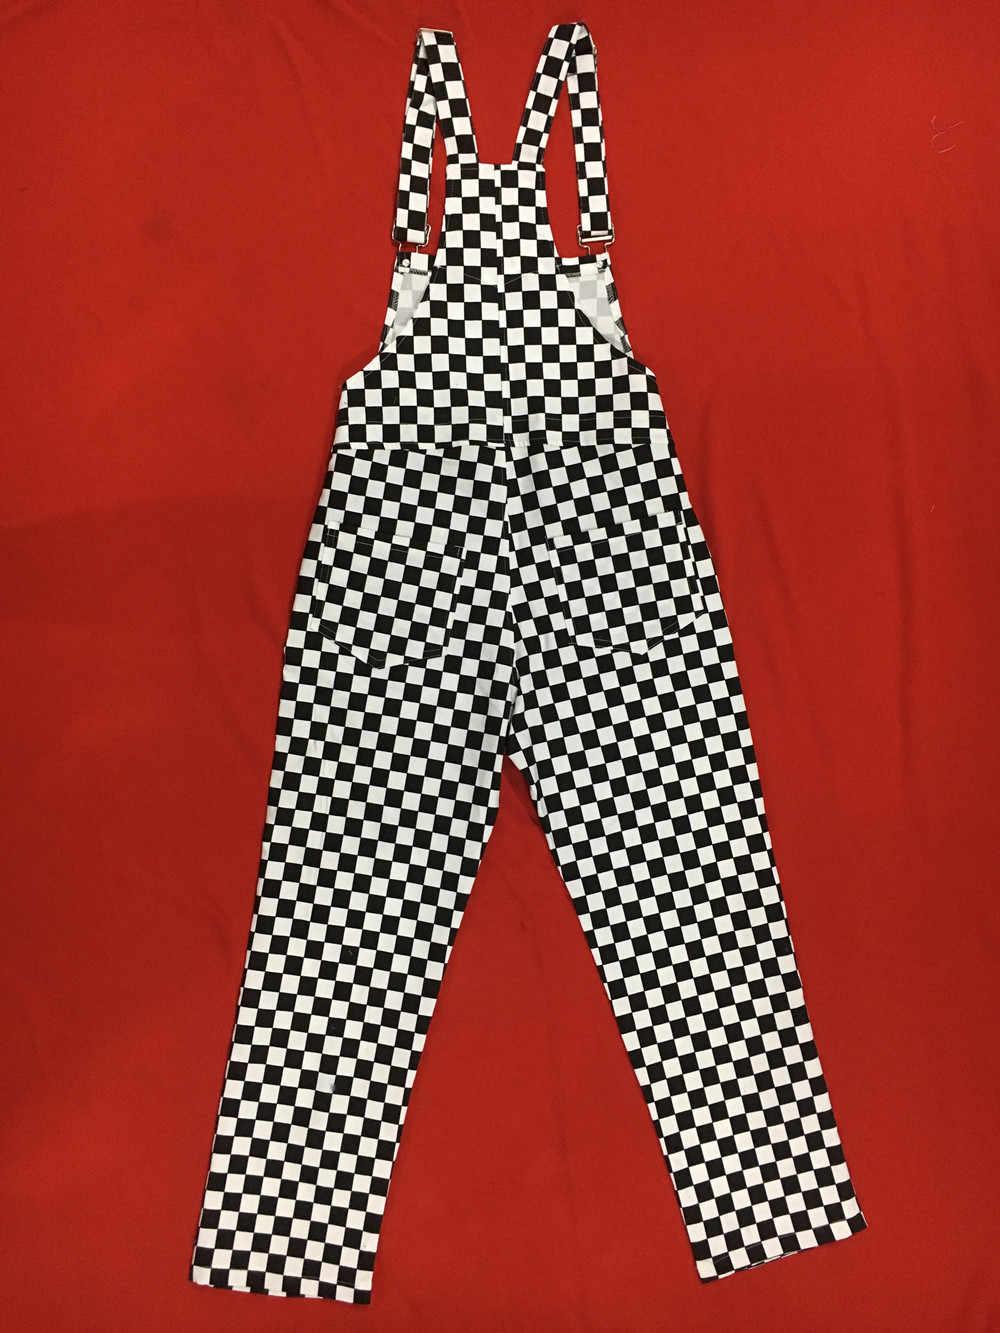 Размера плюс Kpop уличной моды Vintaget прямые широкие брюки, чистый хлопок, джинсовые штаны на подтяжках комбинезон клетчатый плед брюки